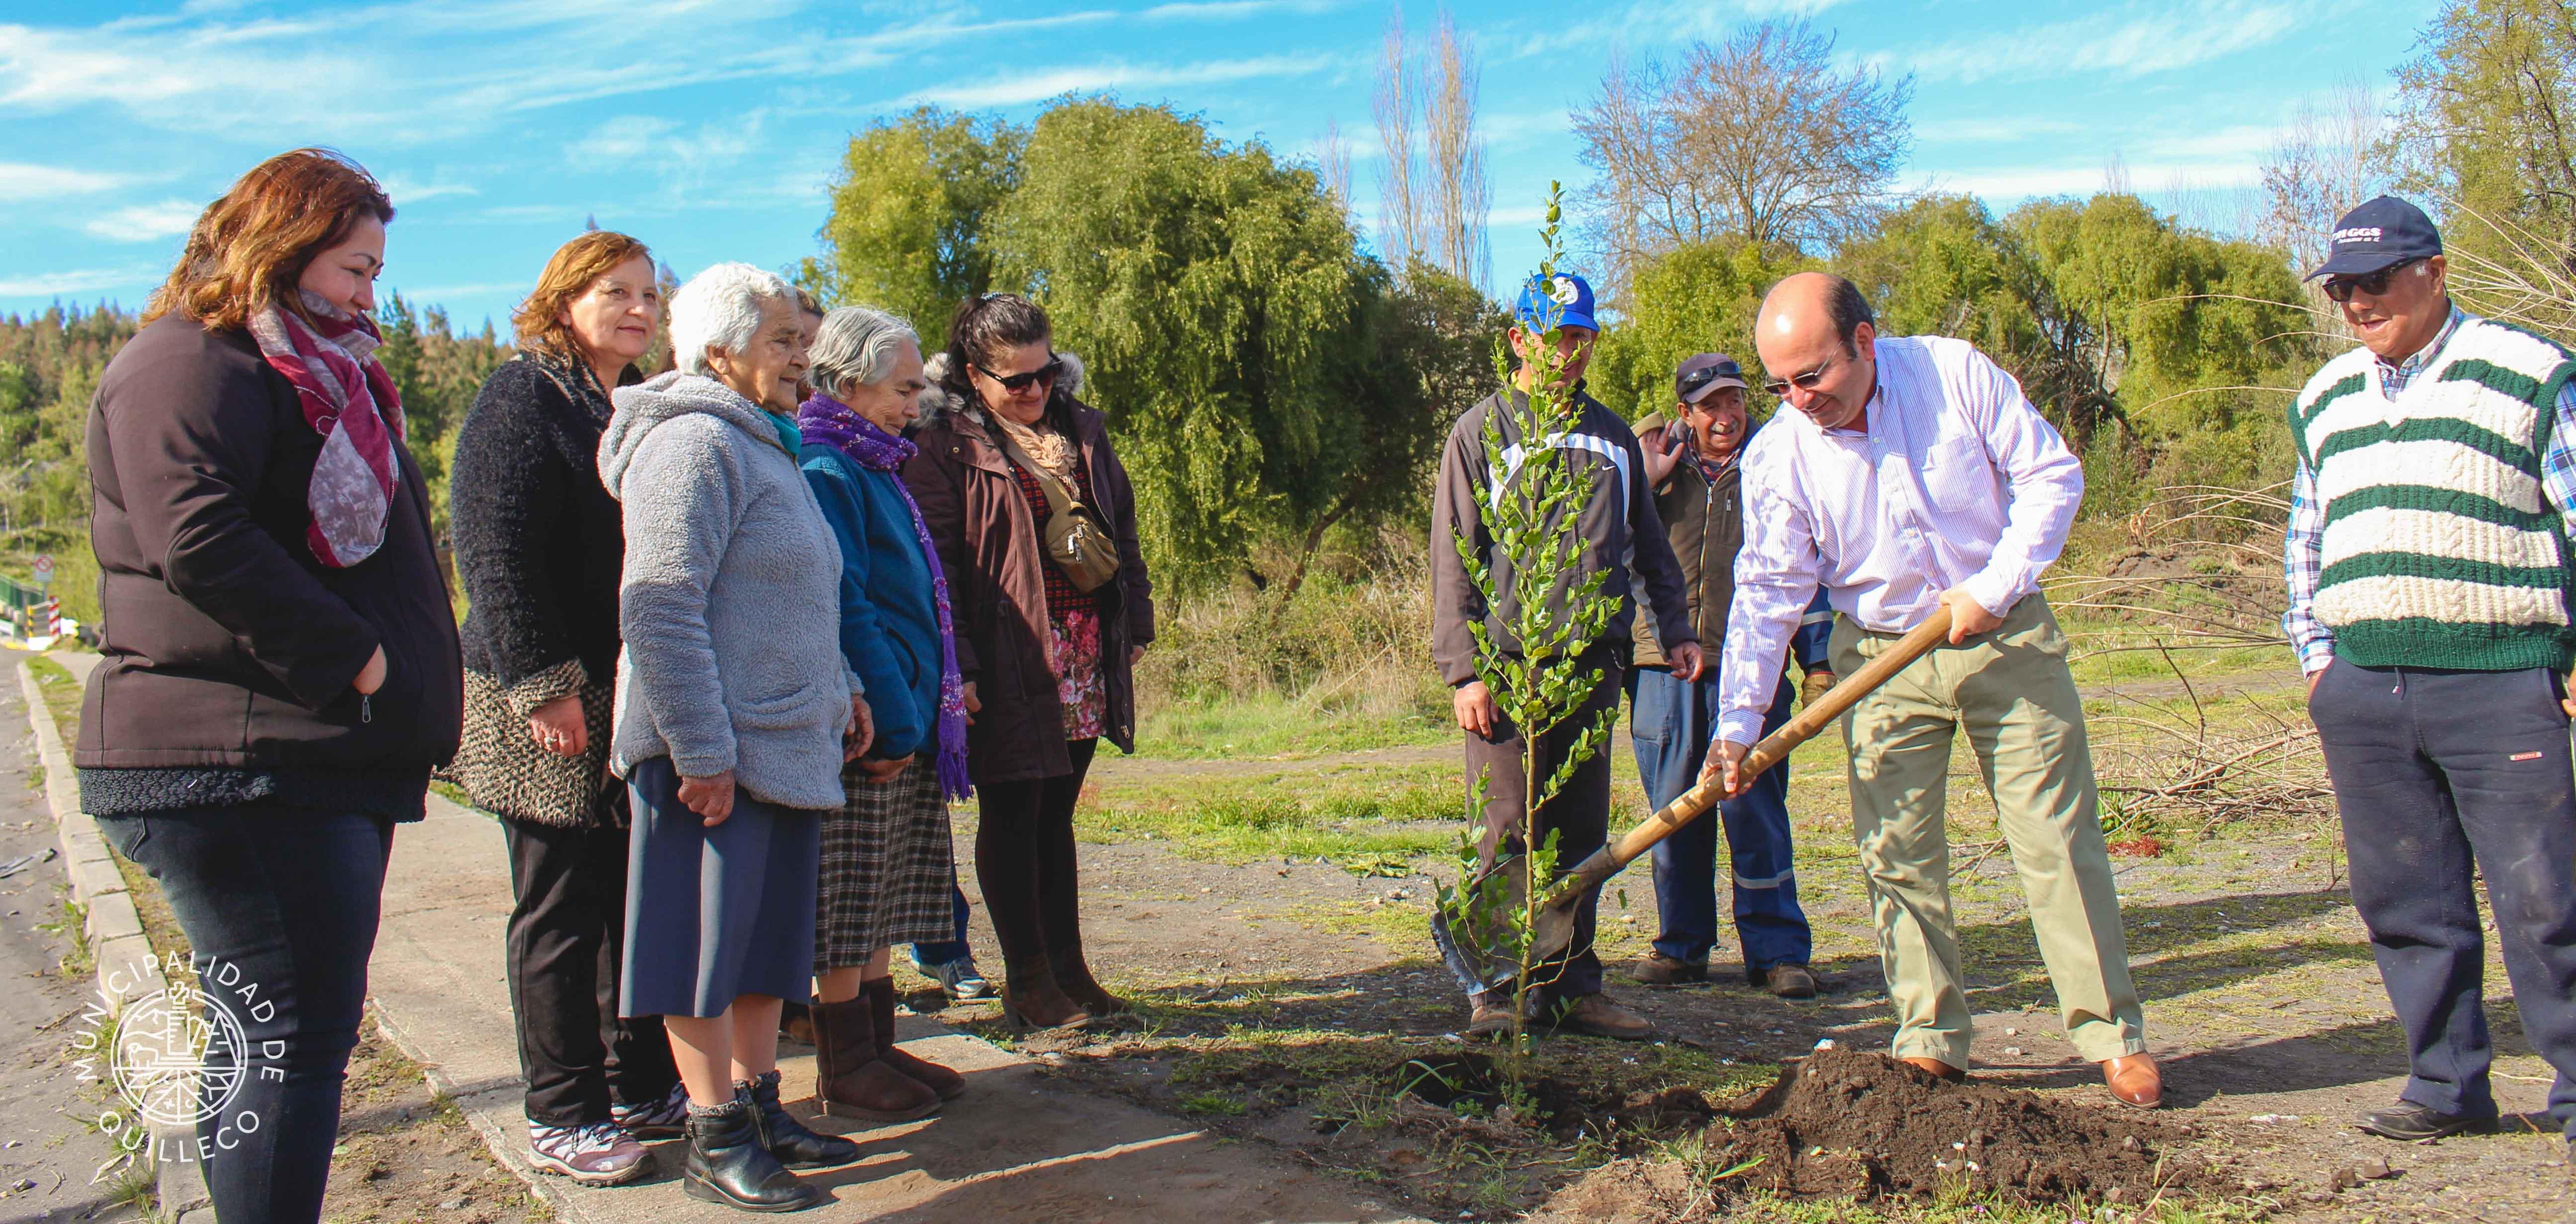 Sumando acciones concretas en materia de reforestación nativa y conservación del medio ambiente en la comuna.